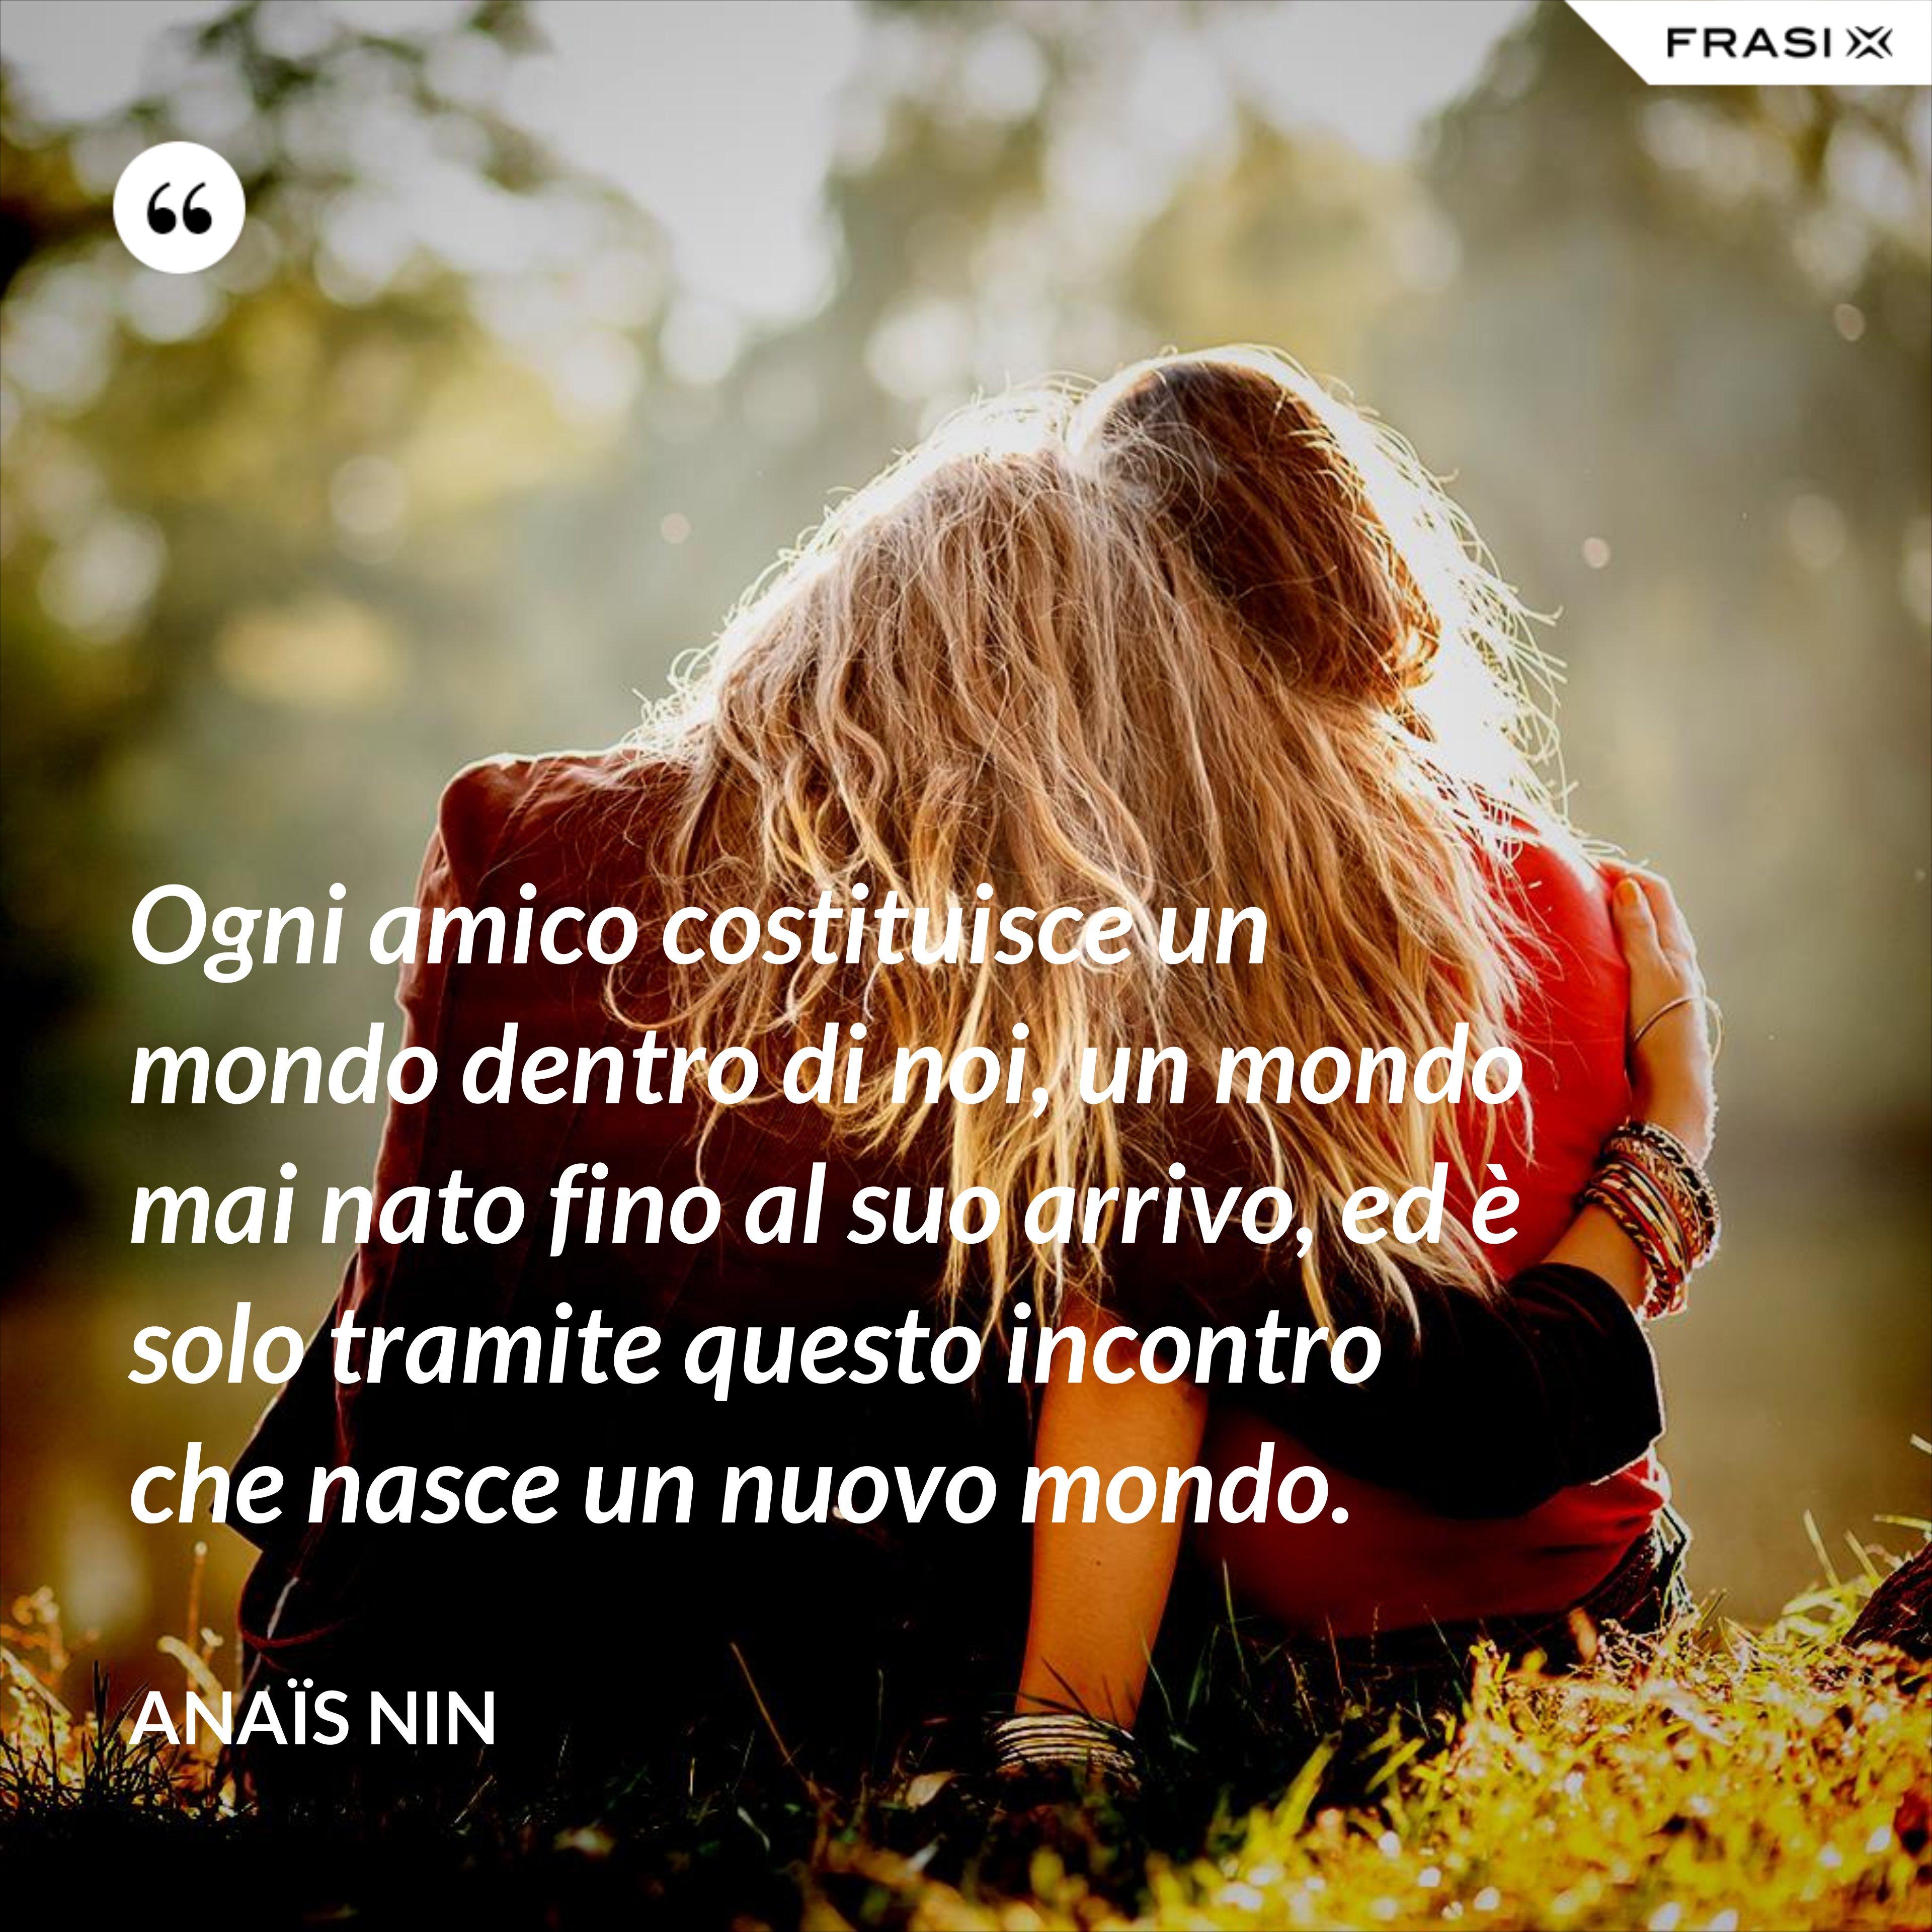 Ogni amico costituisce un mondo dentro di noi, un mondo mai nato fino al suo arrivo, ed è solo tramite questo incontro che nasce un nuovo mondo. - Anaïs Nin